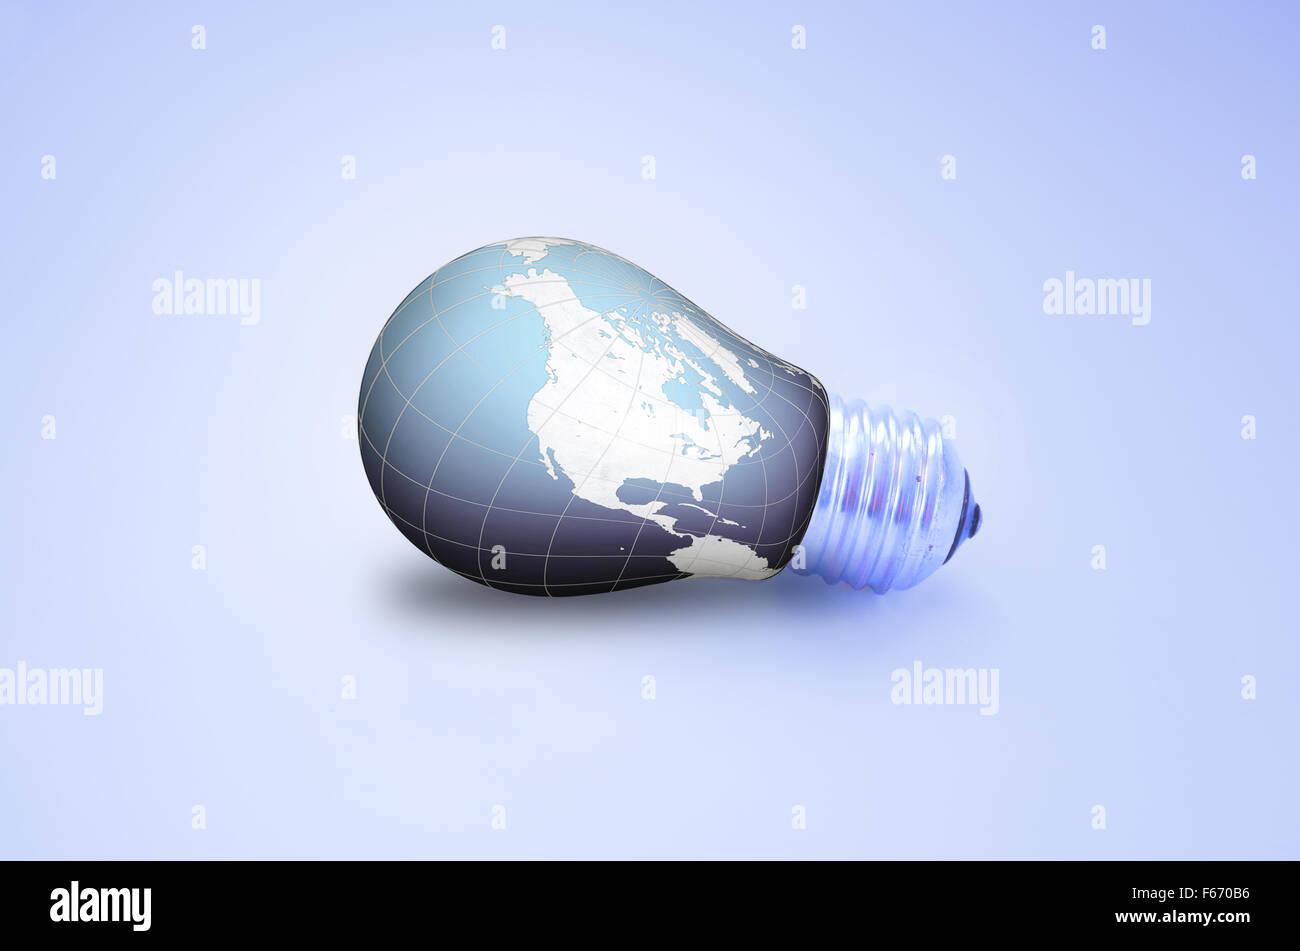 Lampadina del mondo isolati su sfondo bianco Immagini Stock